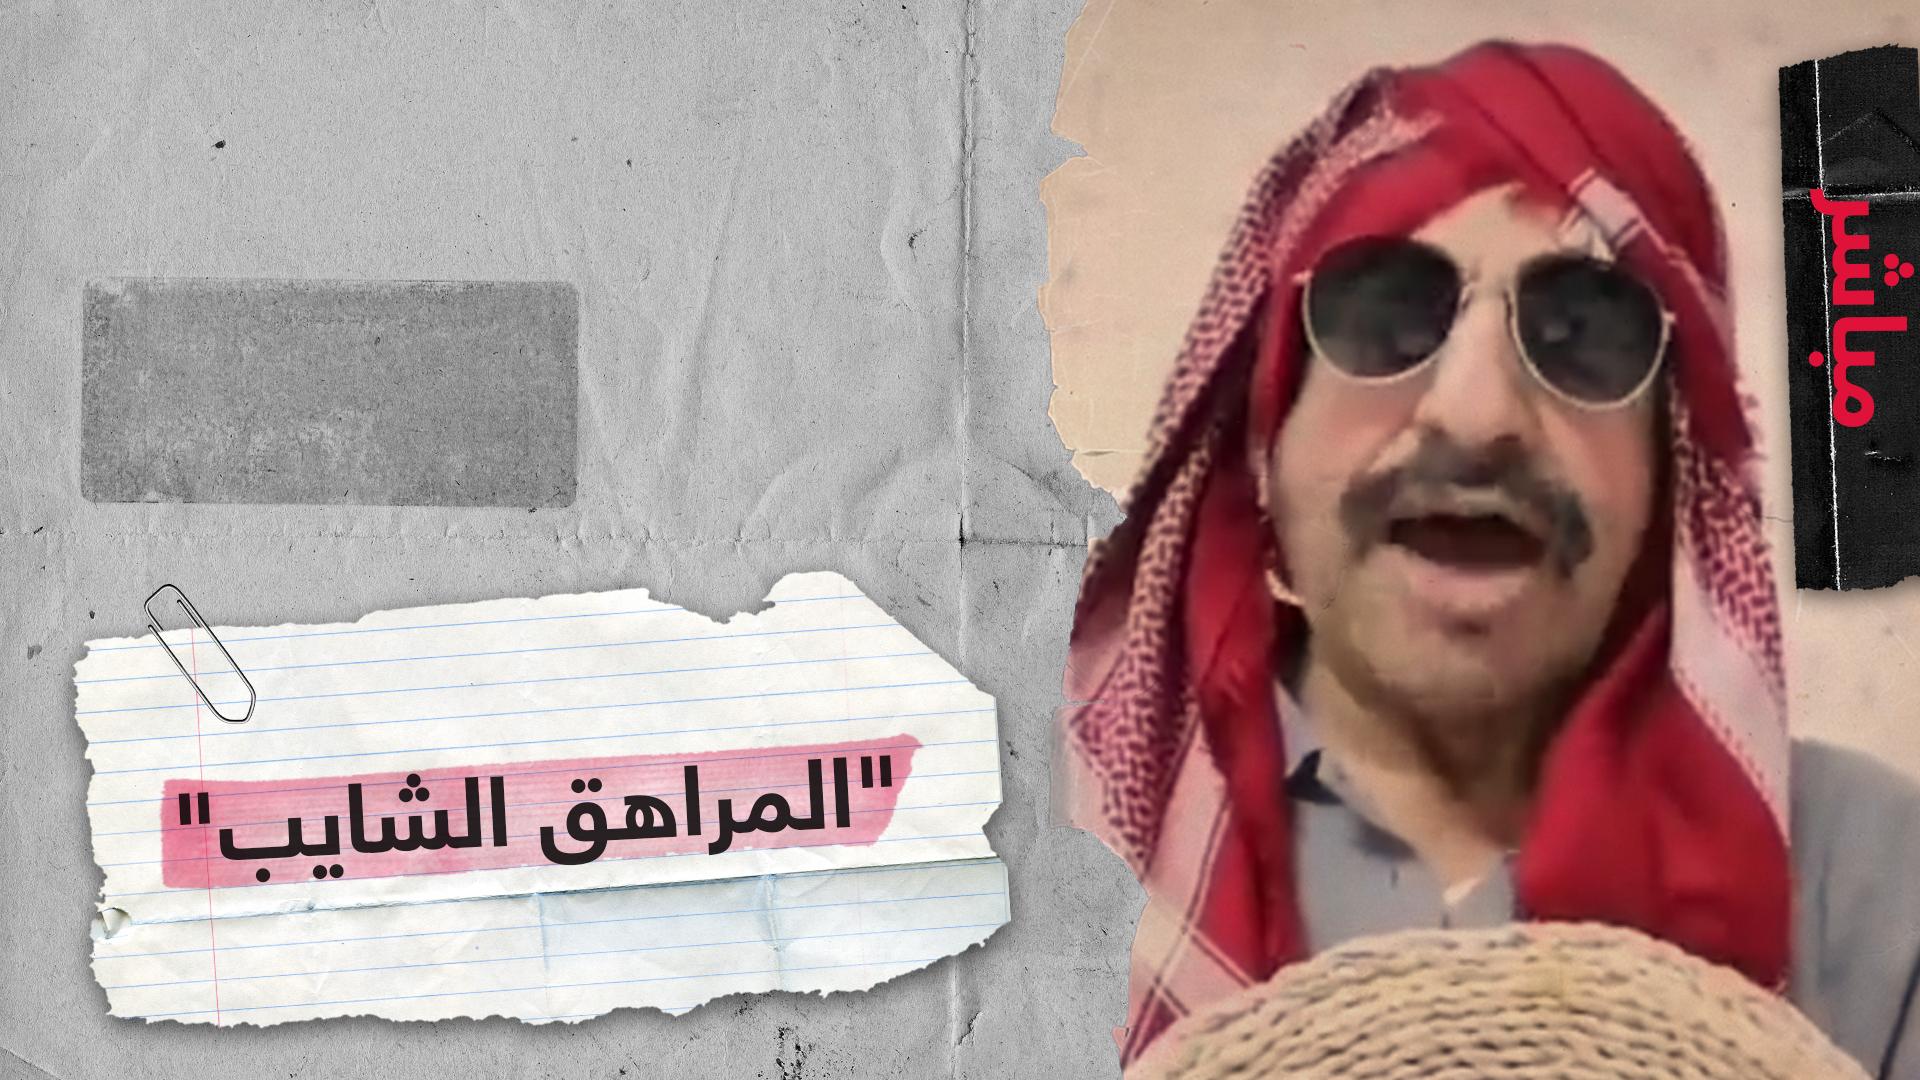 """فيديوهات """"الشايب المراهق"""" تثير جدلا في السعودية"""